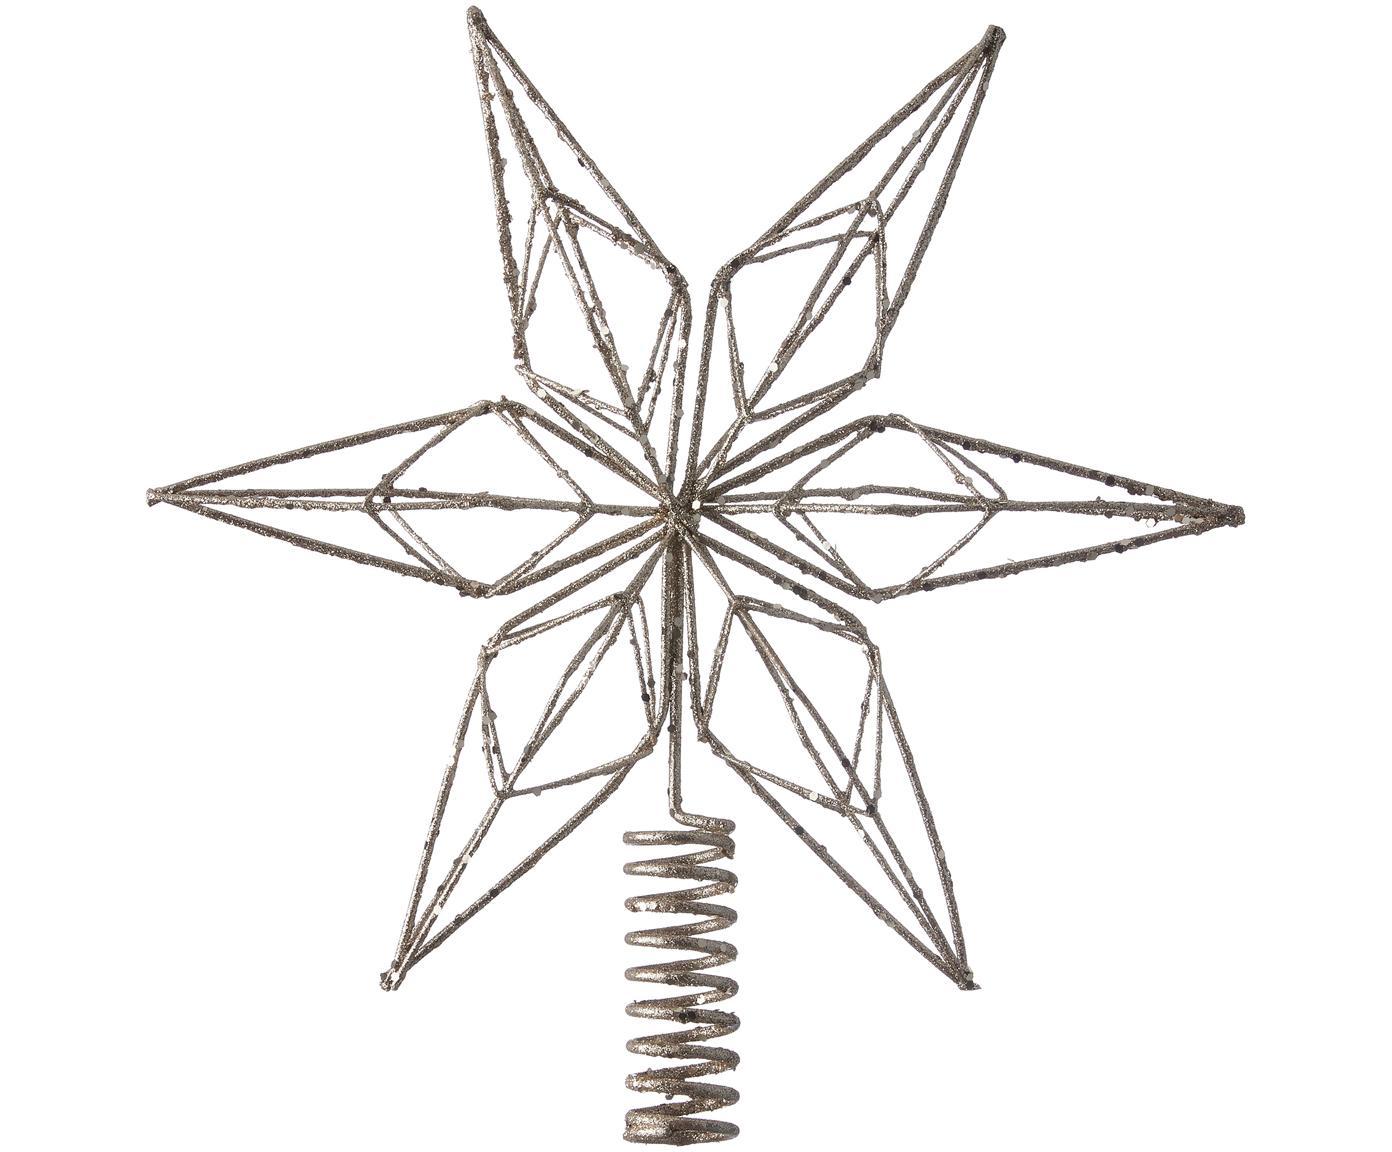 Weihnachtsbaumspitze Alivinne, Metall, lackiert, Messingfarben, 27 x 28 cm